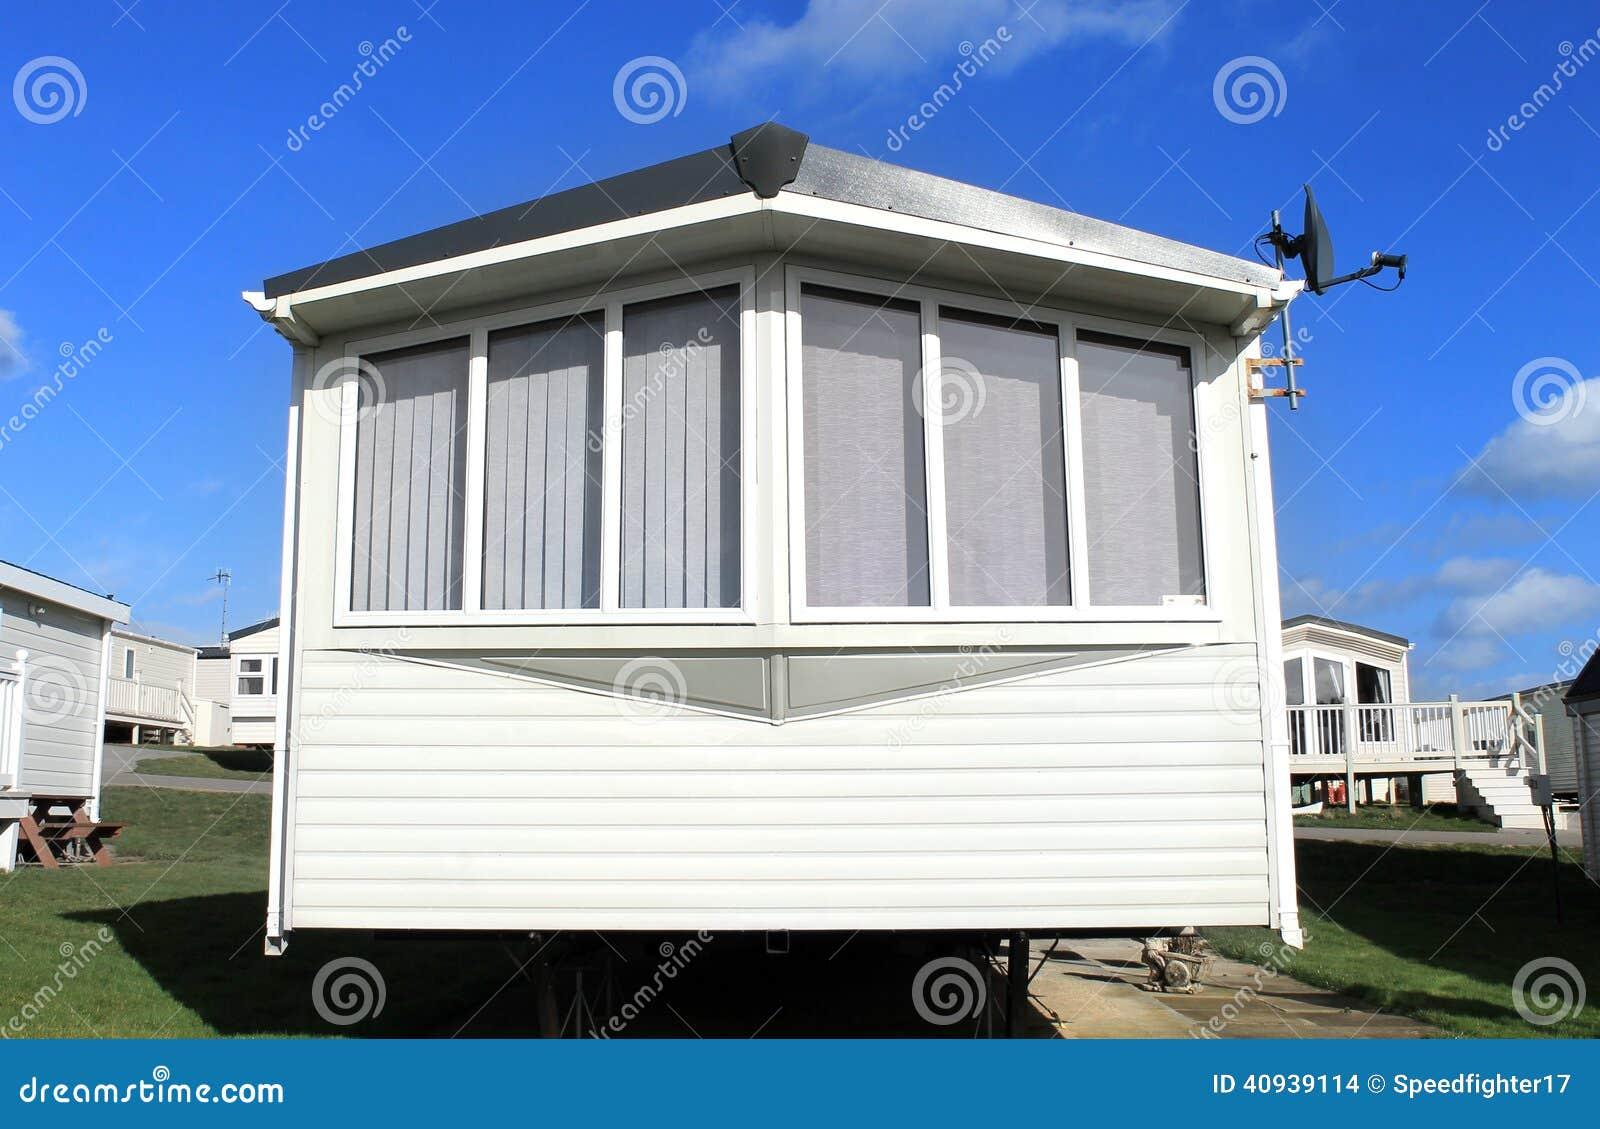 caravane avec une antenne parabolique photo stock image 40939114. Black Bedroom Furniture Sets. Home Design Ideas